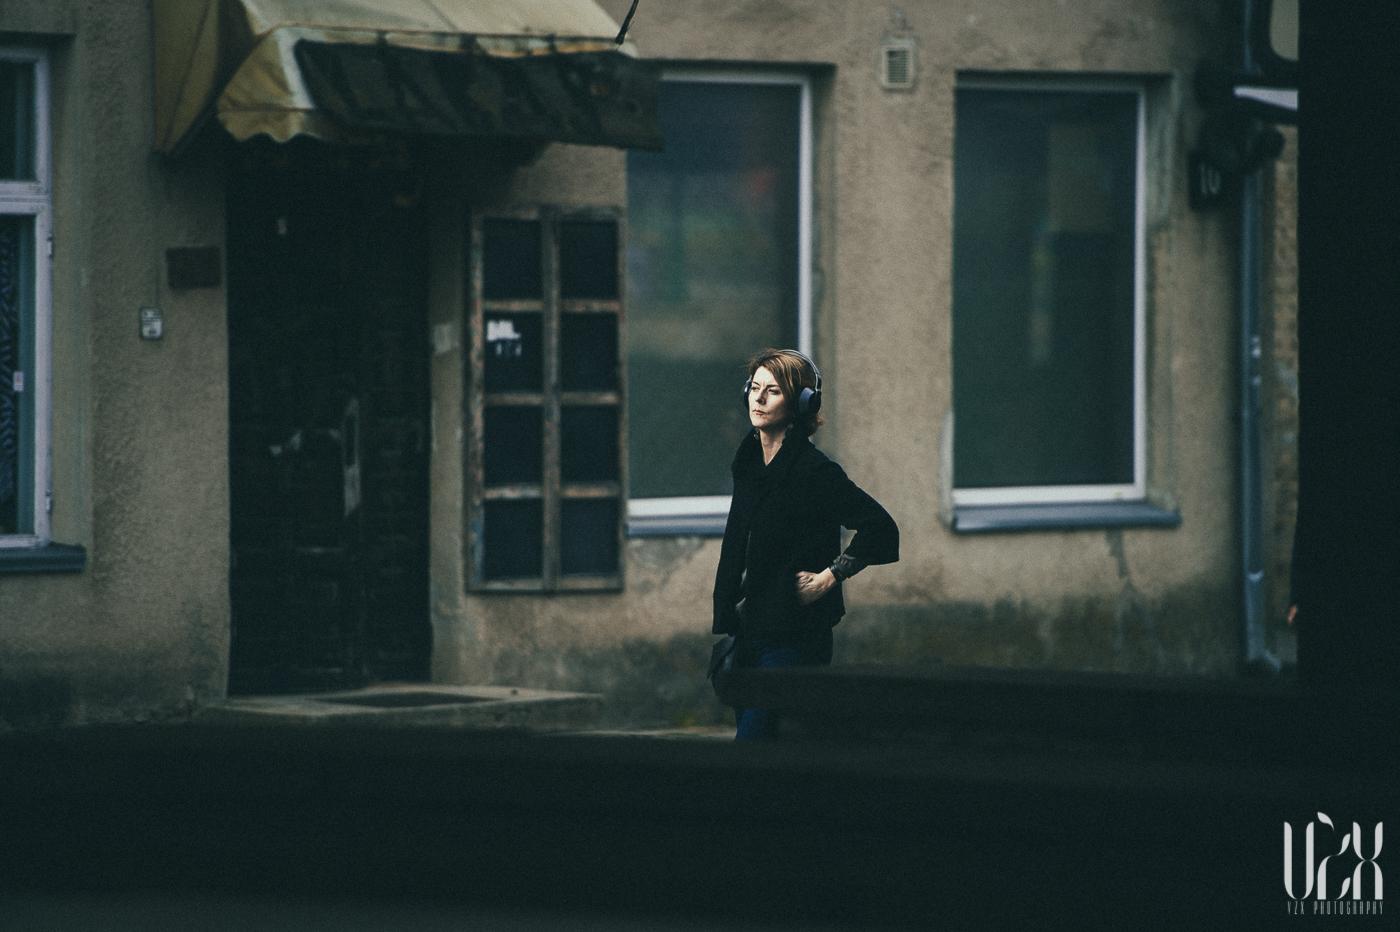 Keliaujancios Baznycios Performance Vzx Photography Klaipeda 51